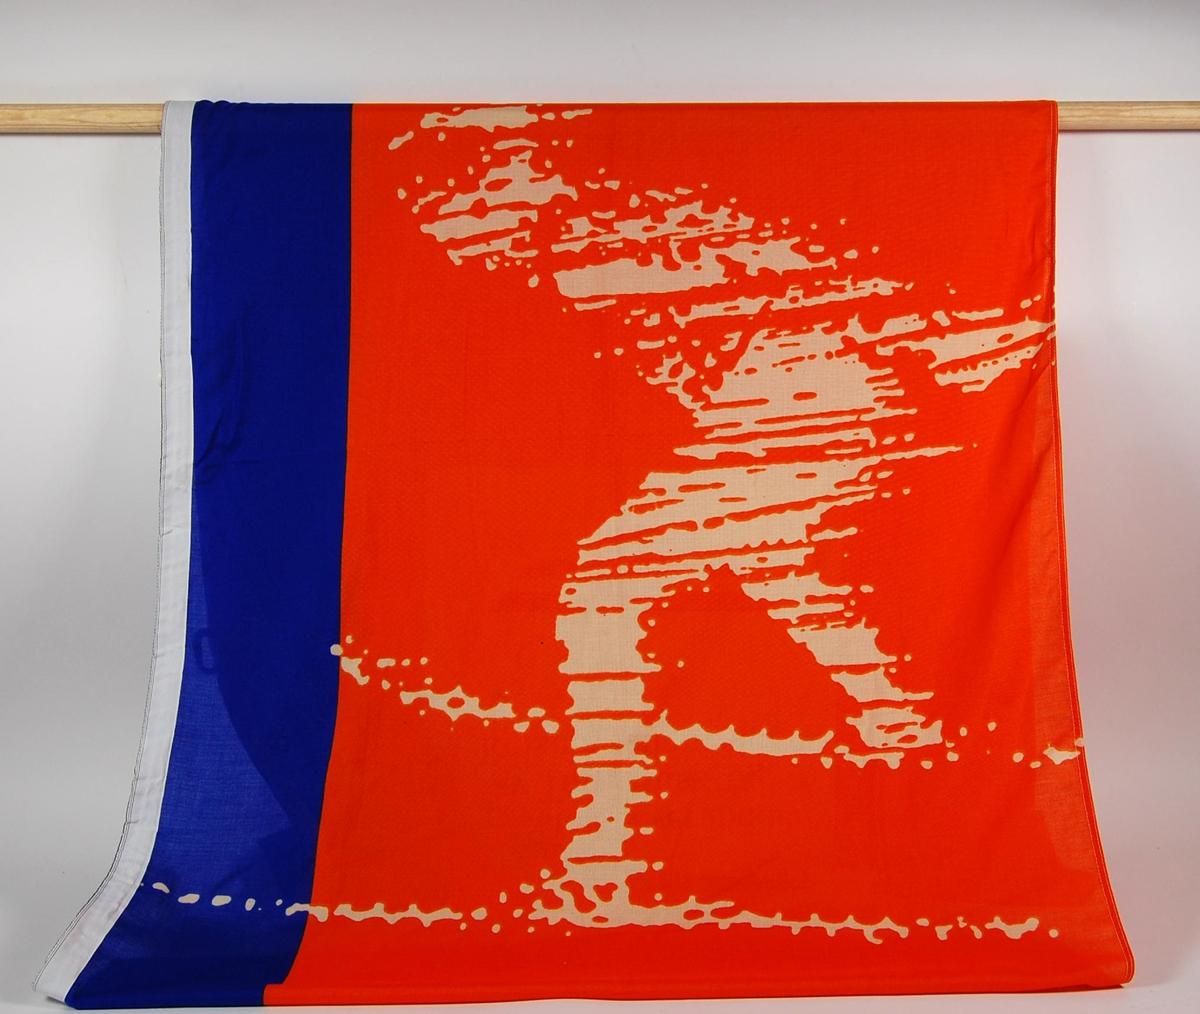 Flerfarget banner med logo for de olympiske leker på Lillehammer i 1994 og NSB. På banneret er det et motiv av en skiløper.